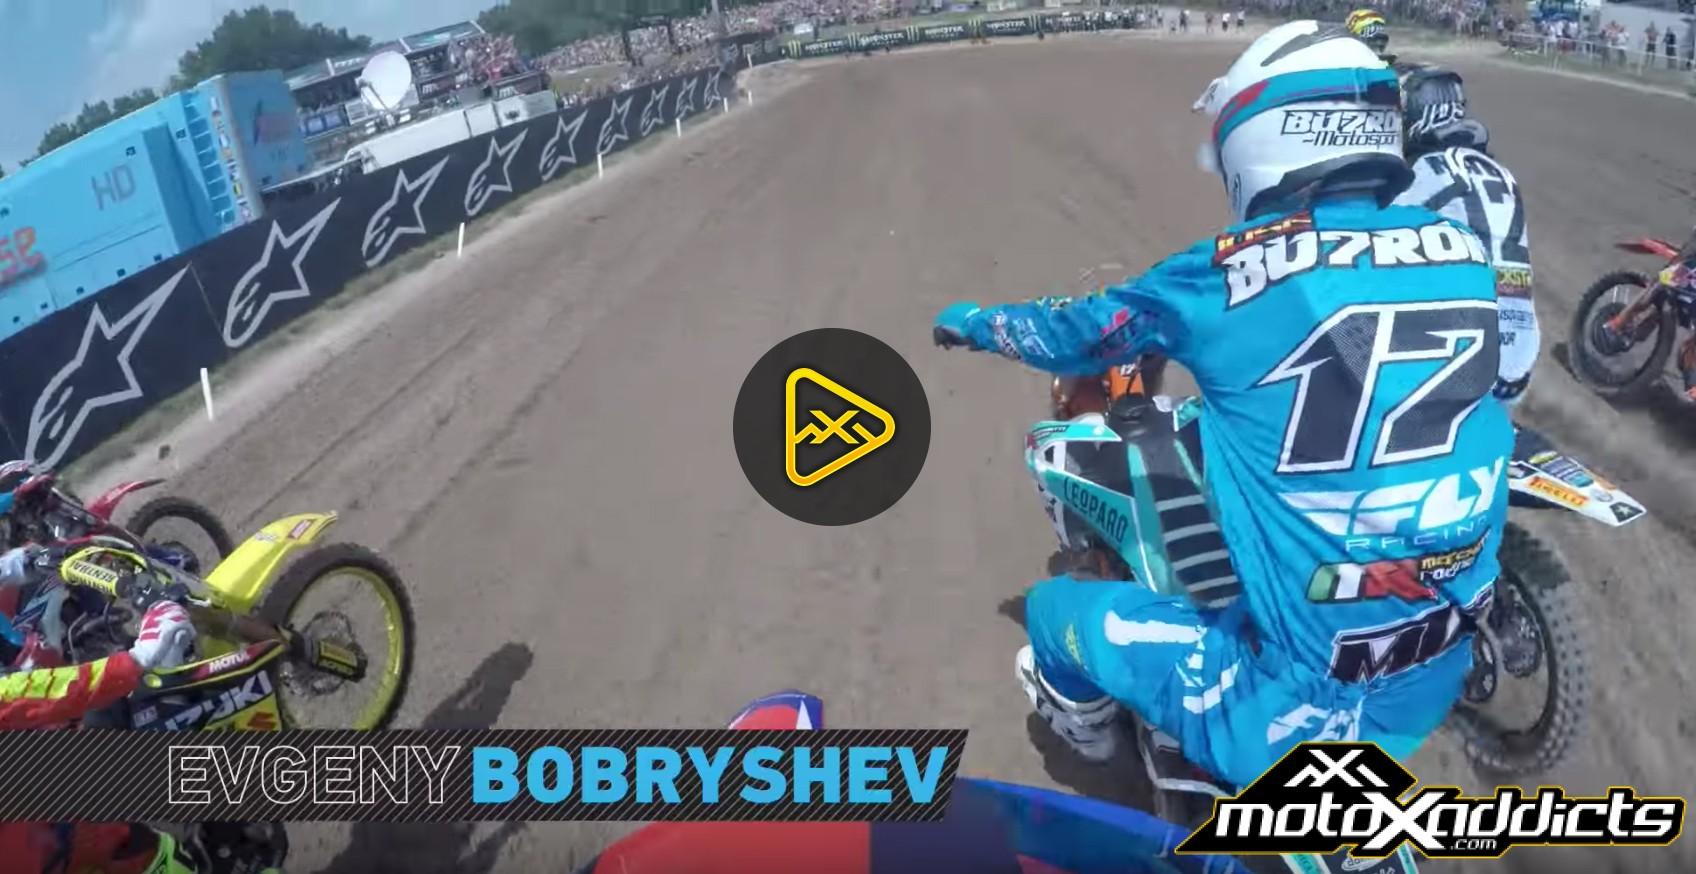 Evgeny_bobryshev-motocross-mxgp-2016-italy